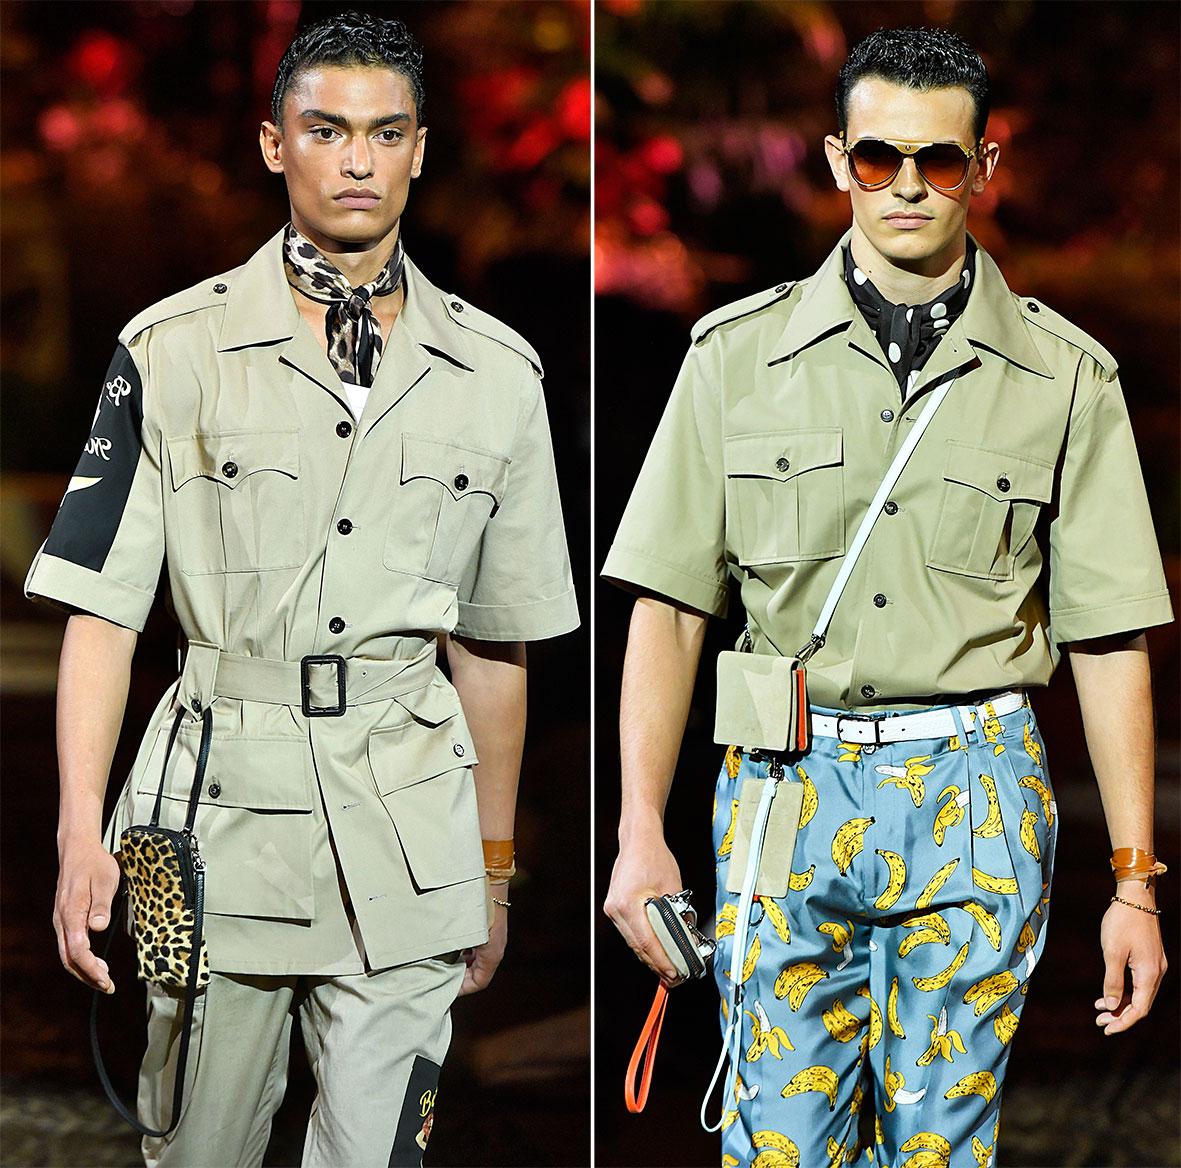 Safarihemd bei Dolce & Gabbana